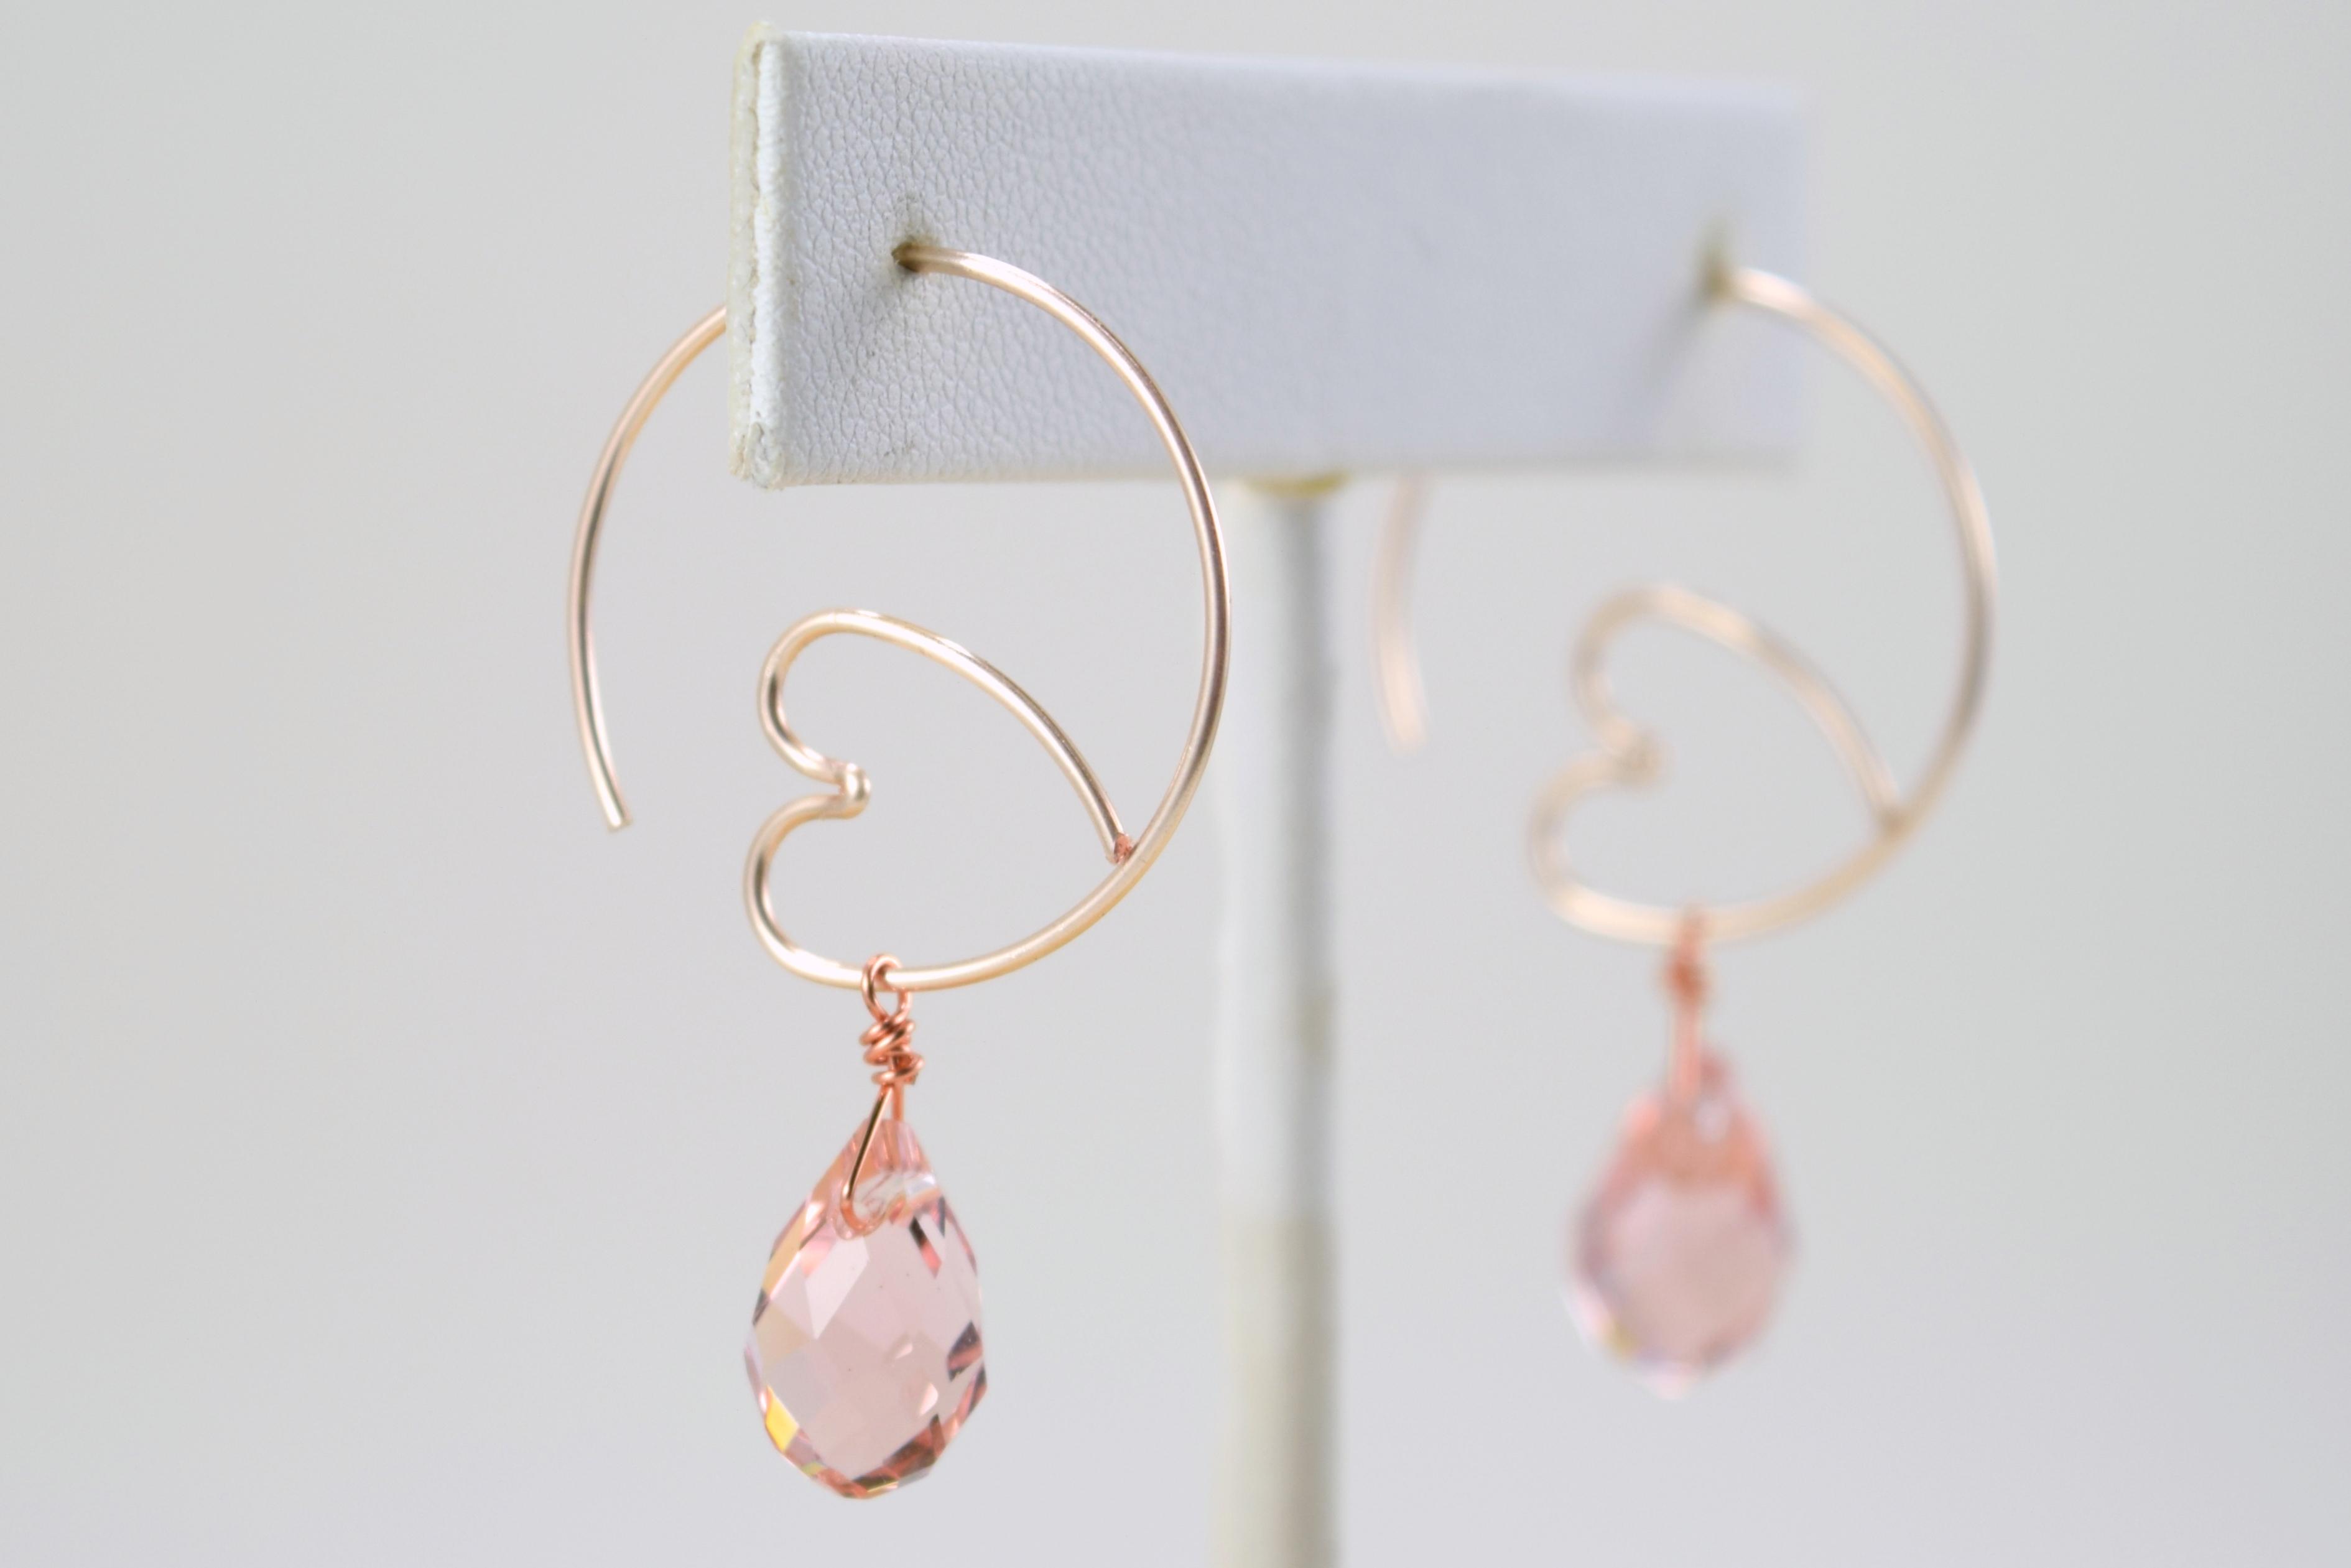 1ef10fdce2202e Heart Hoop and Crystal Earrings | skinny pig designs